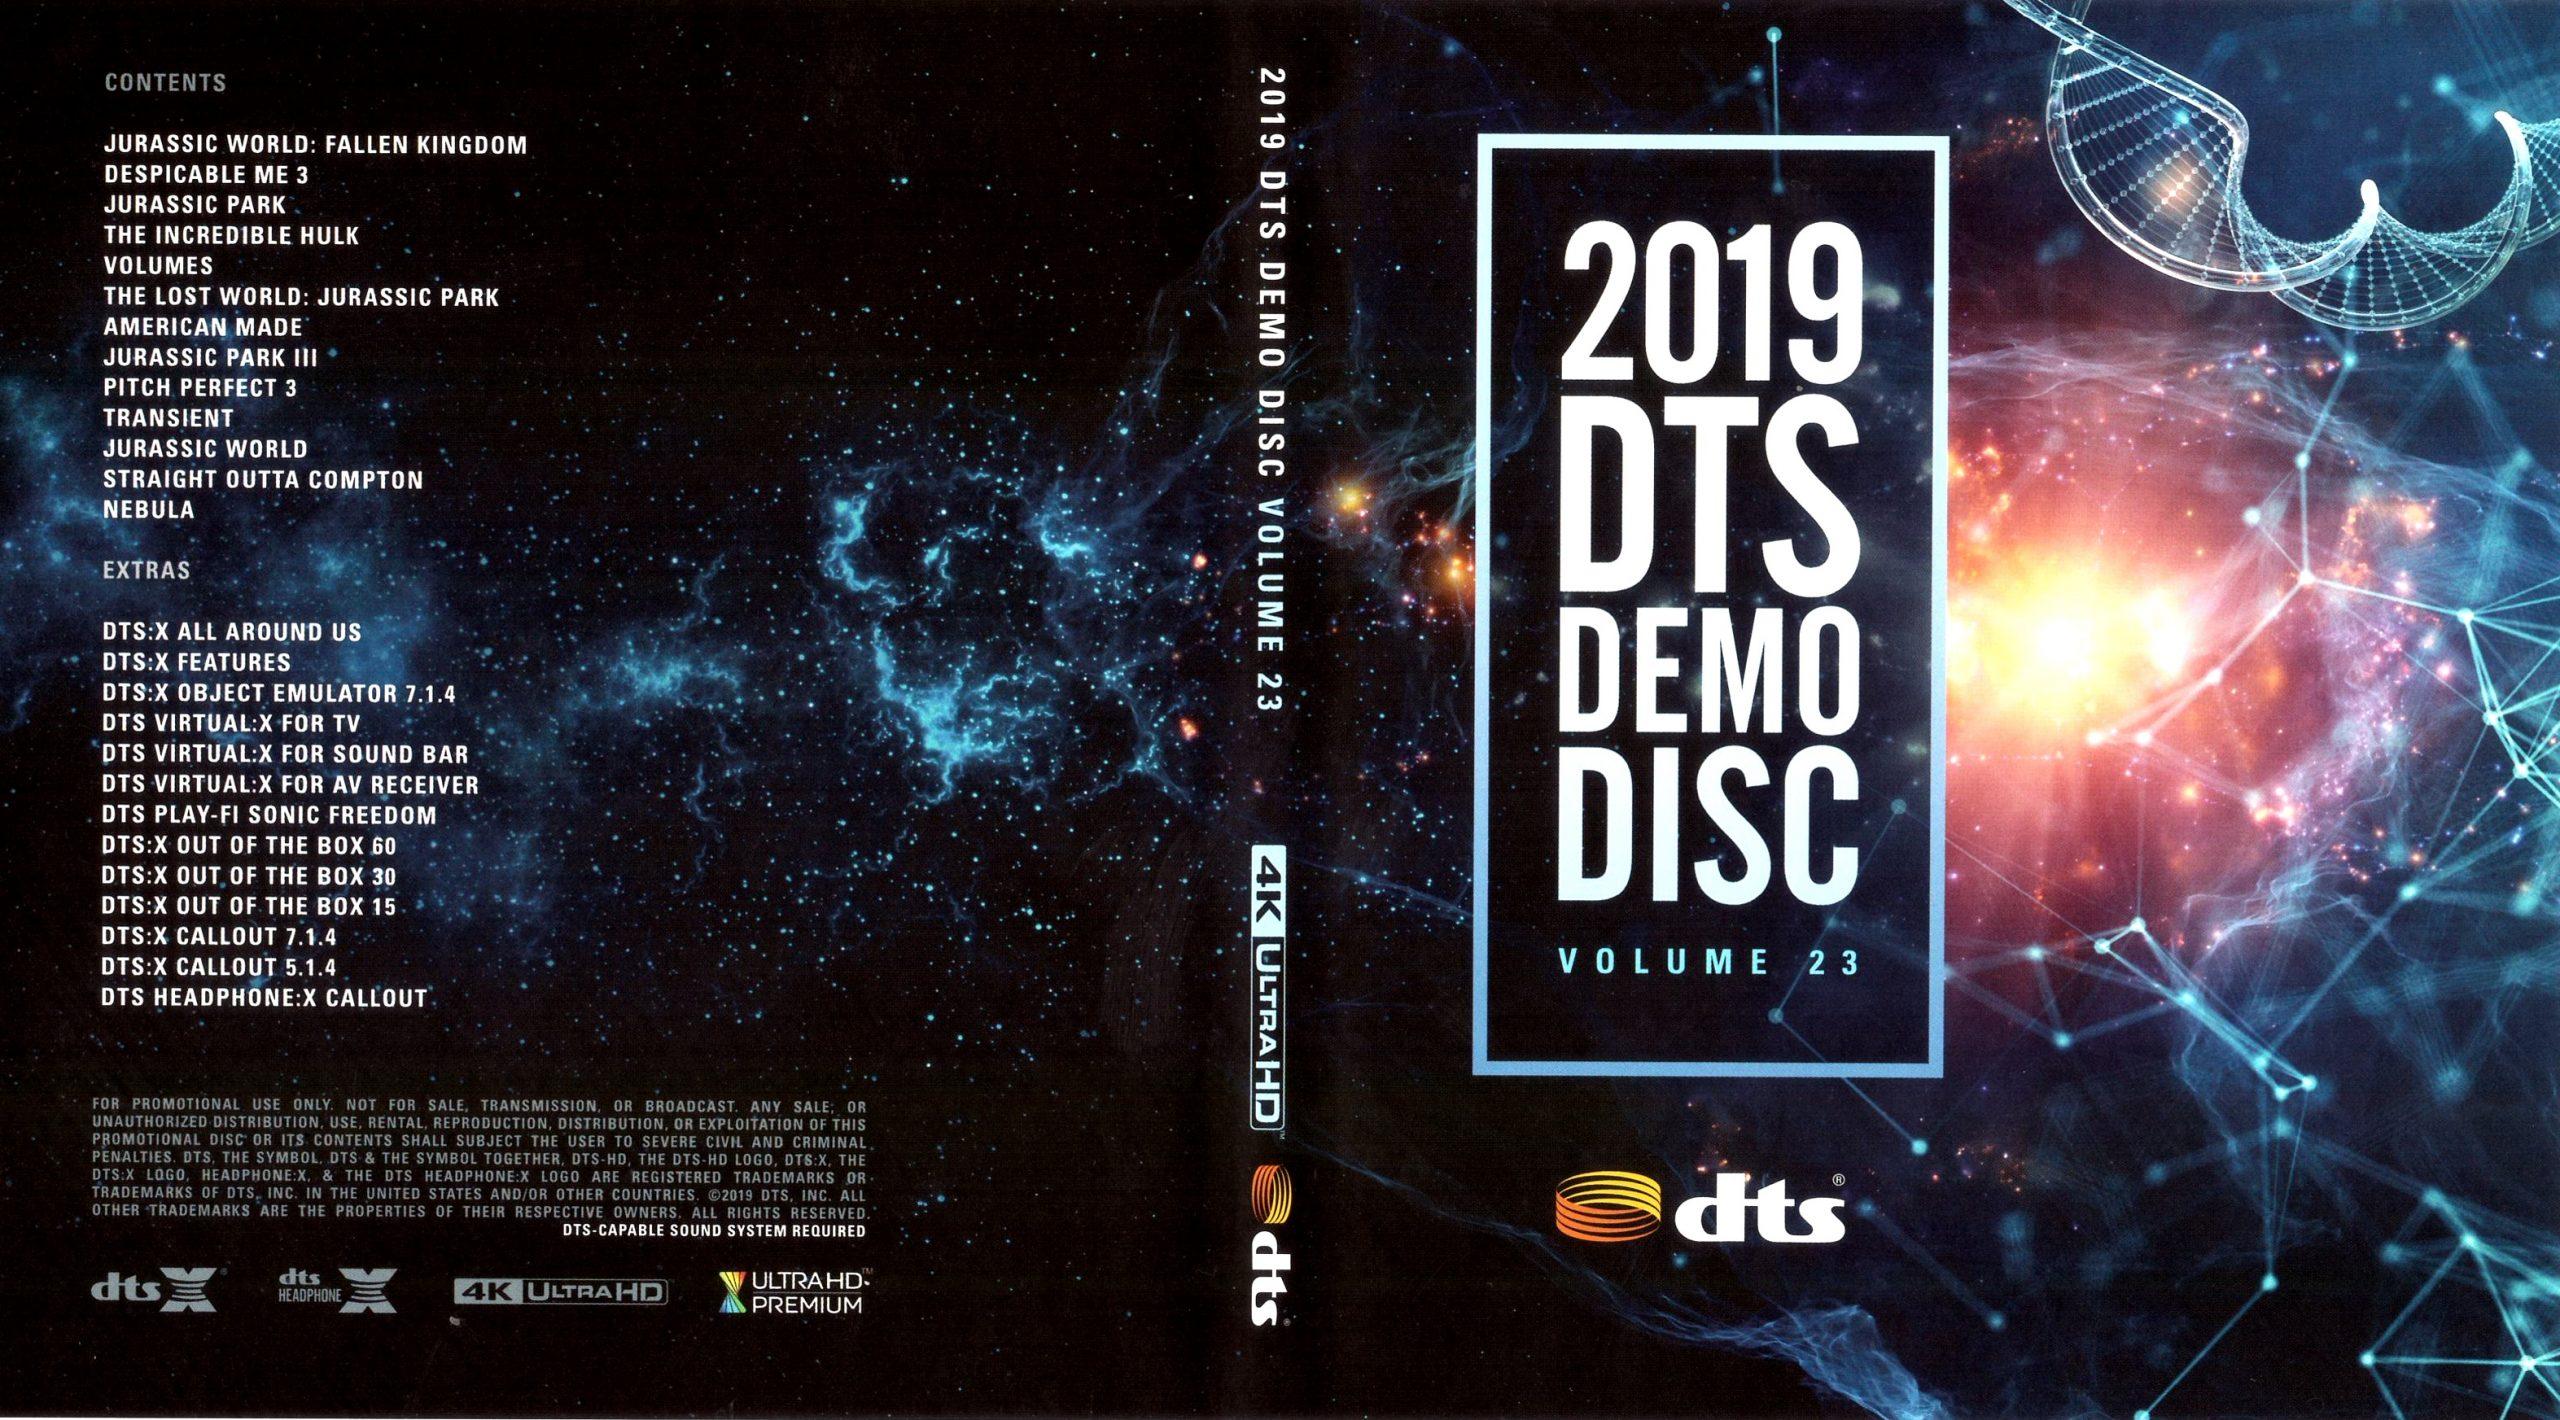 DTS蓝光演示碟 2019 4K UHD DTS Demo Disc Vol.23 H.265 HDR 4KUltraHD DTS-X 7.1